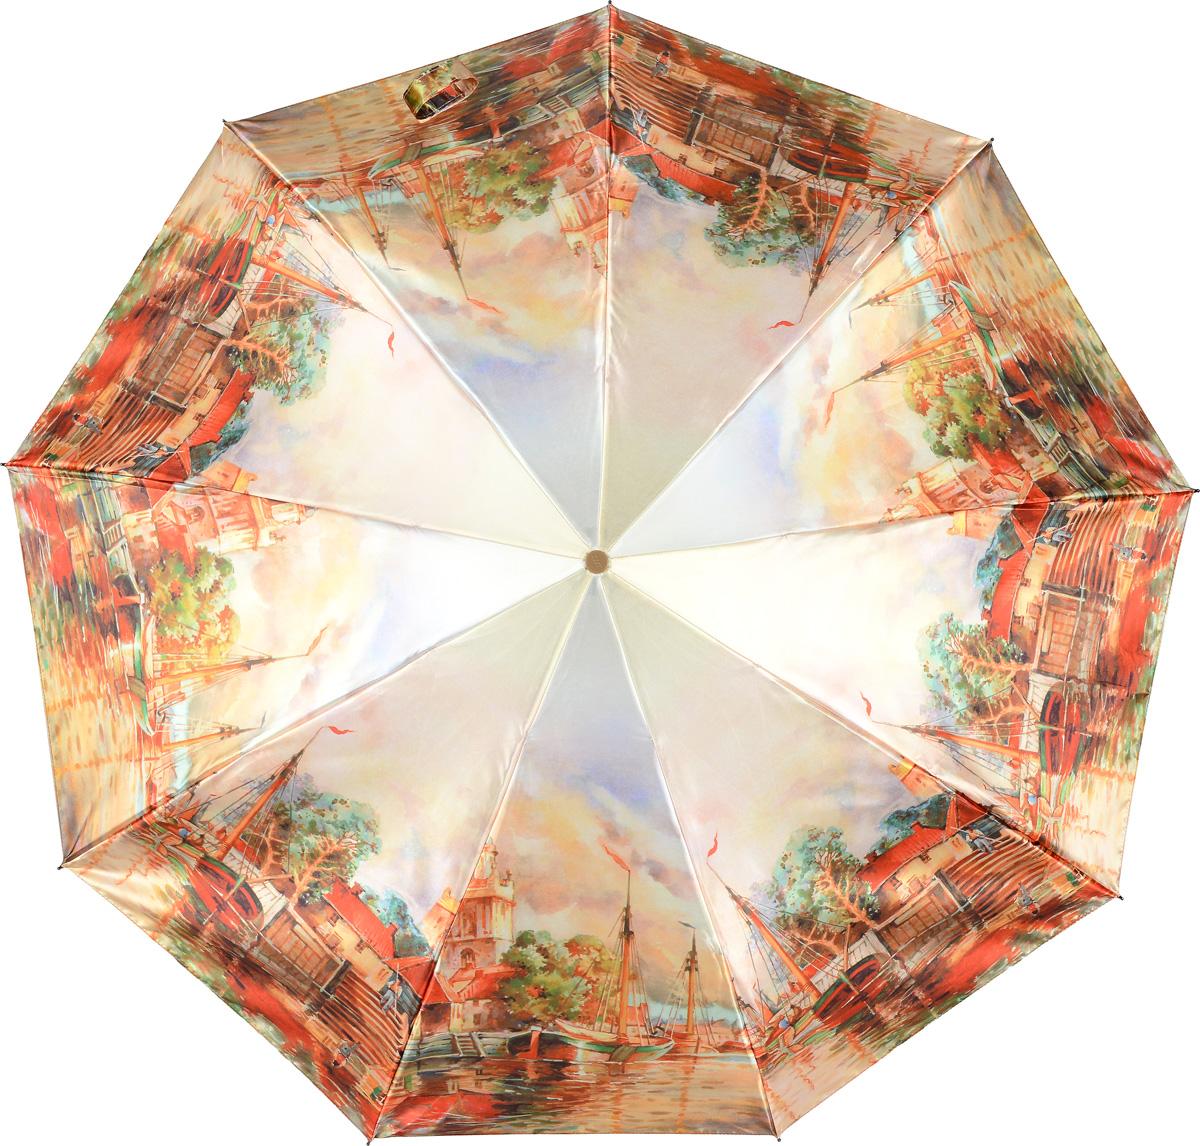 Зонт женский Zest, цвет: светло-бежевый, красный, зеленый. 23944-3054Пуссеты (гвоздики)Женский зонт Zest в 3 сложения изготовлен из сатина. Модель зонта выполнена в механизме - полный автомат, оснащена системой Антиветер, которая позволяет спицам при порывах ветра выгибаться наизнанку и при этом не ломаться. В закрытом виде застегивается хлястиком на липучке. Удобная ручка выполнена из пластика. Модель оформлена оригинальным принтом.